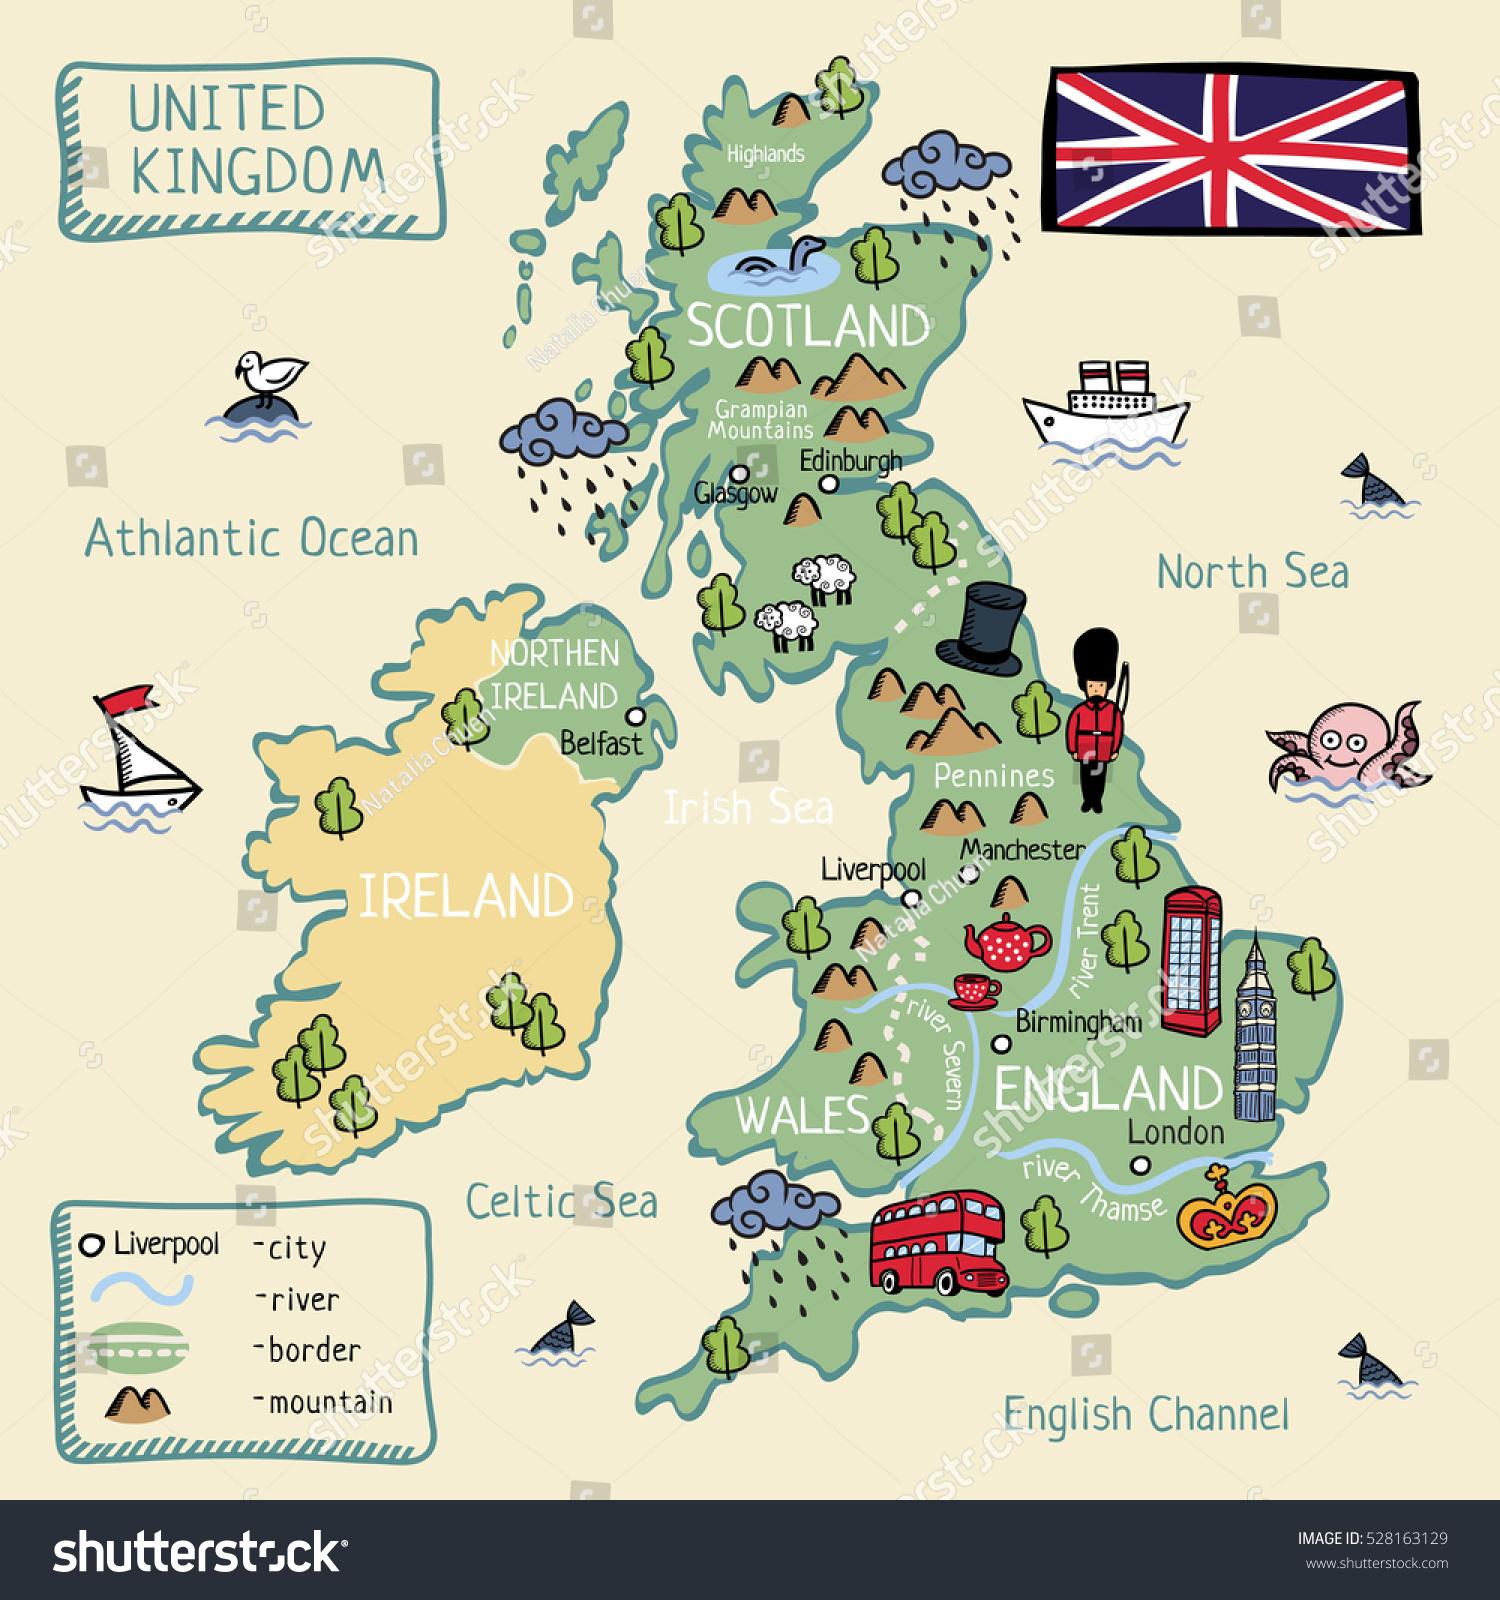 Sarjakuva Kartta Yhdistynyt Kuningaskunta Englanti Skotlanti